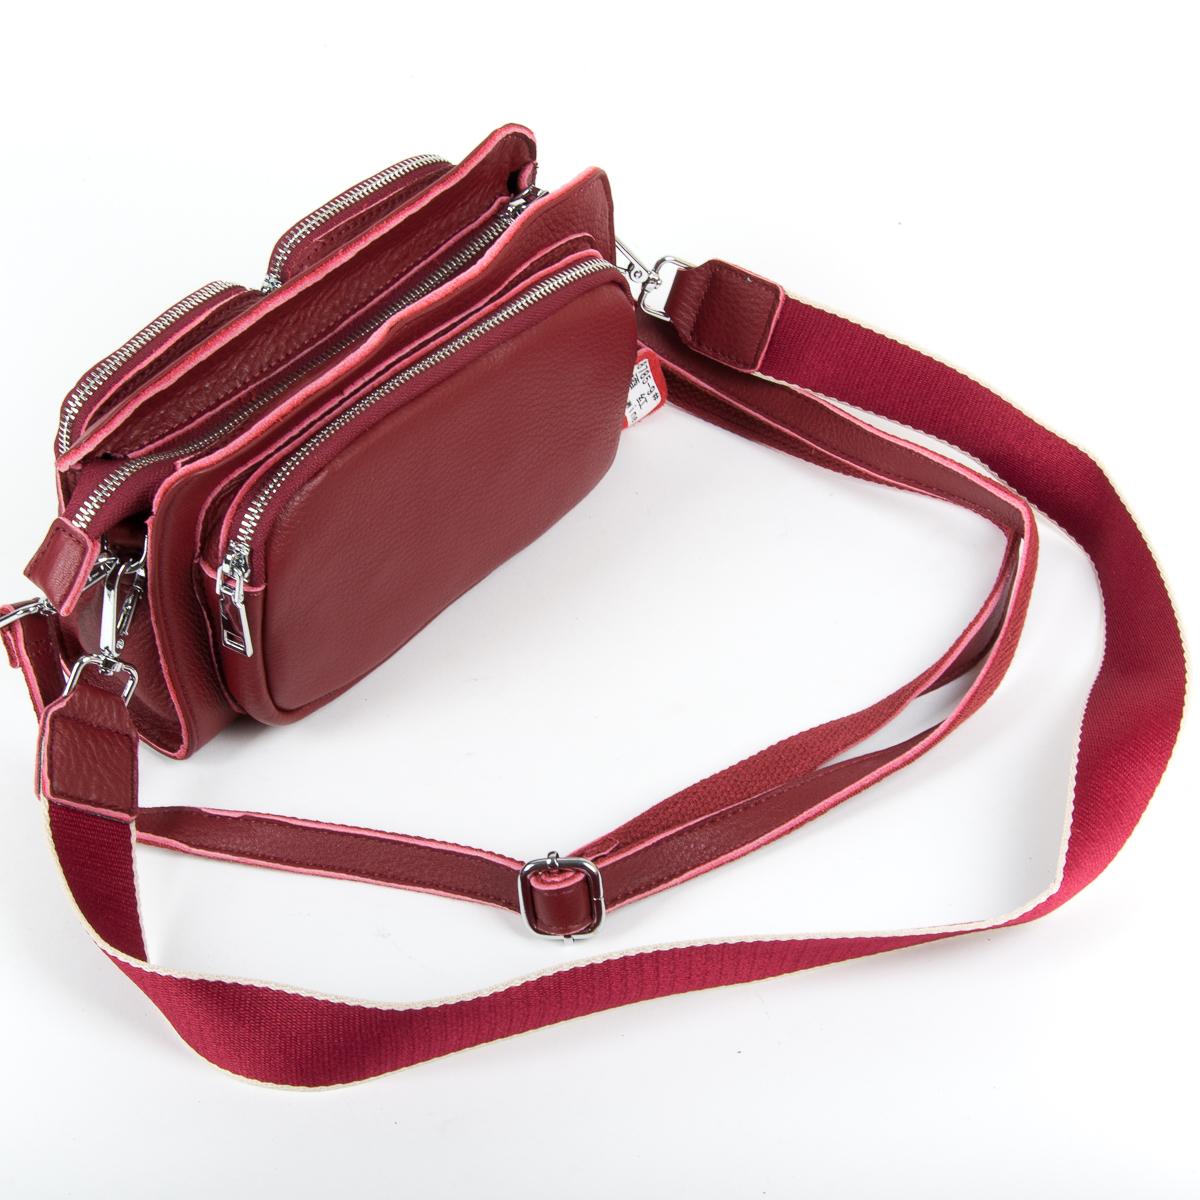 Сумка Женская Клатч кожа ALEX RAI 9-01 8785-9 wine-red